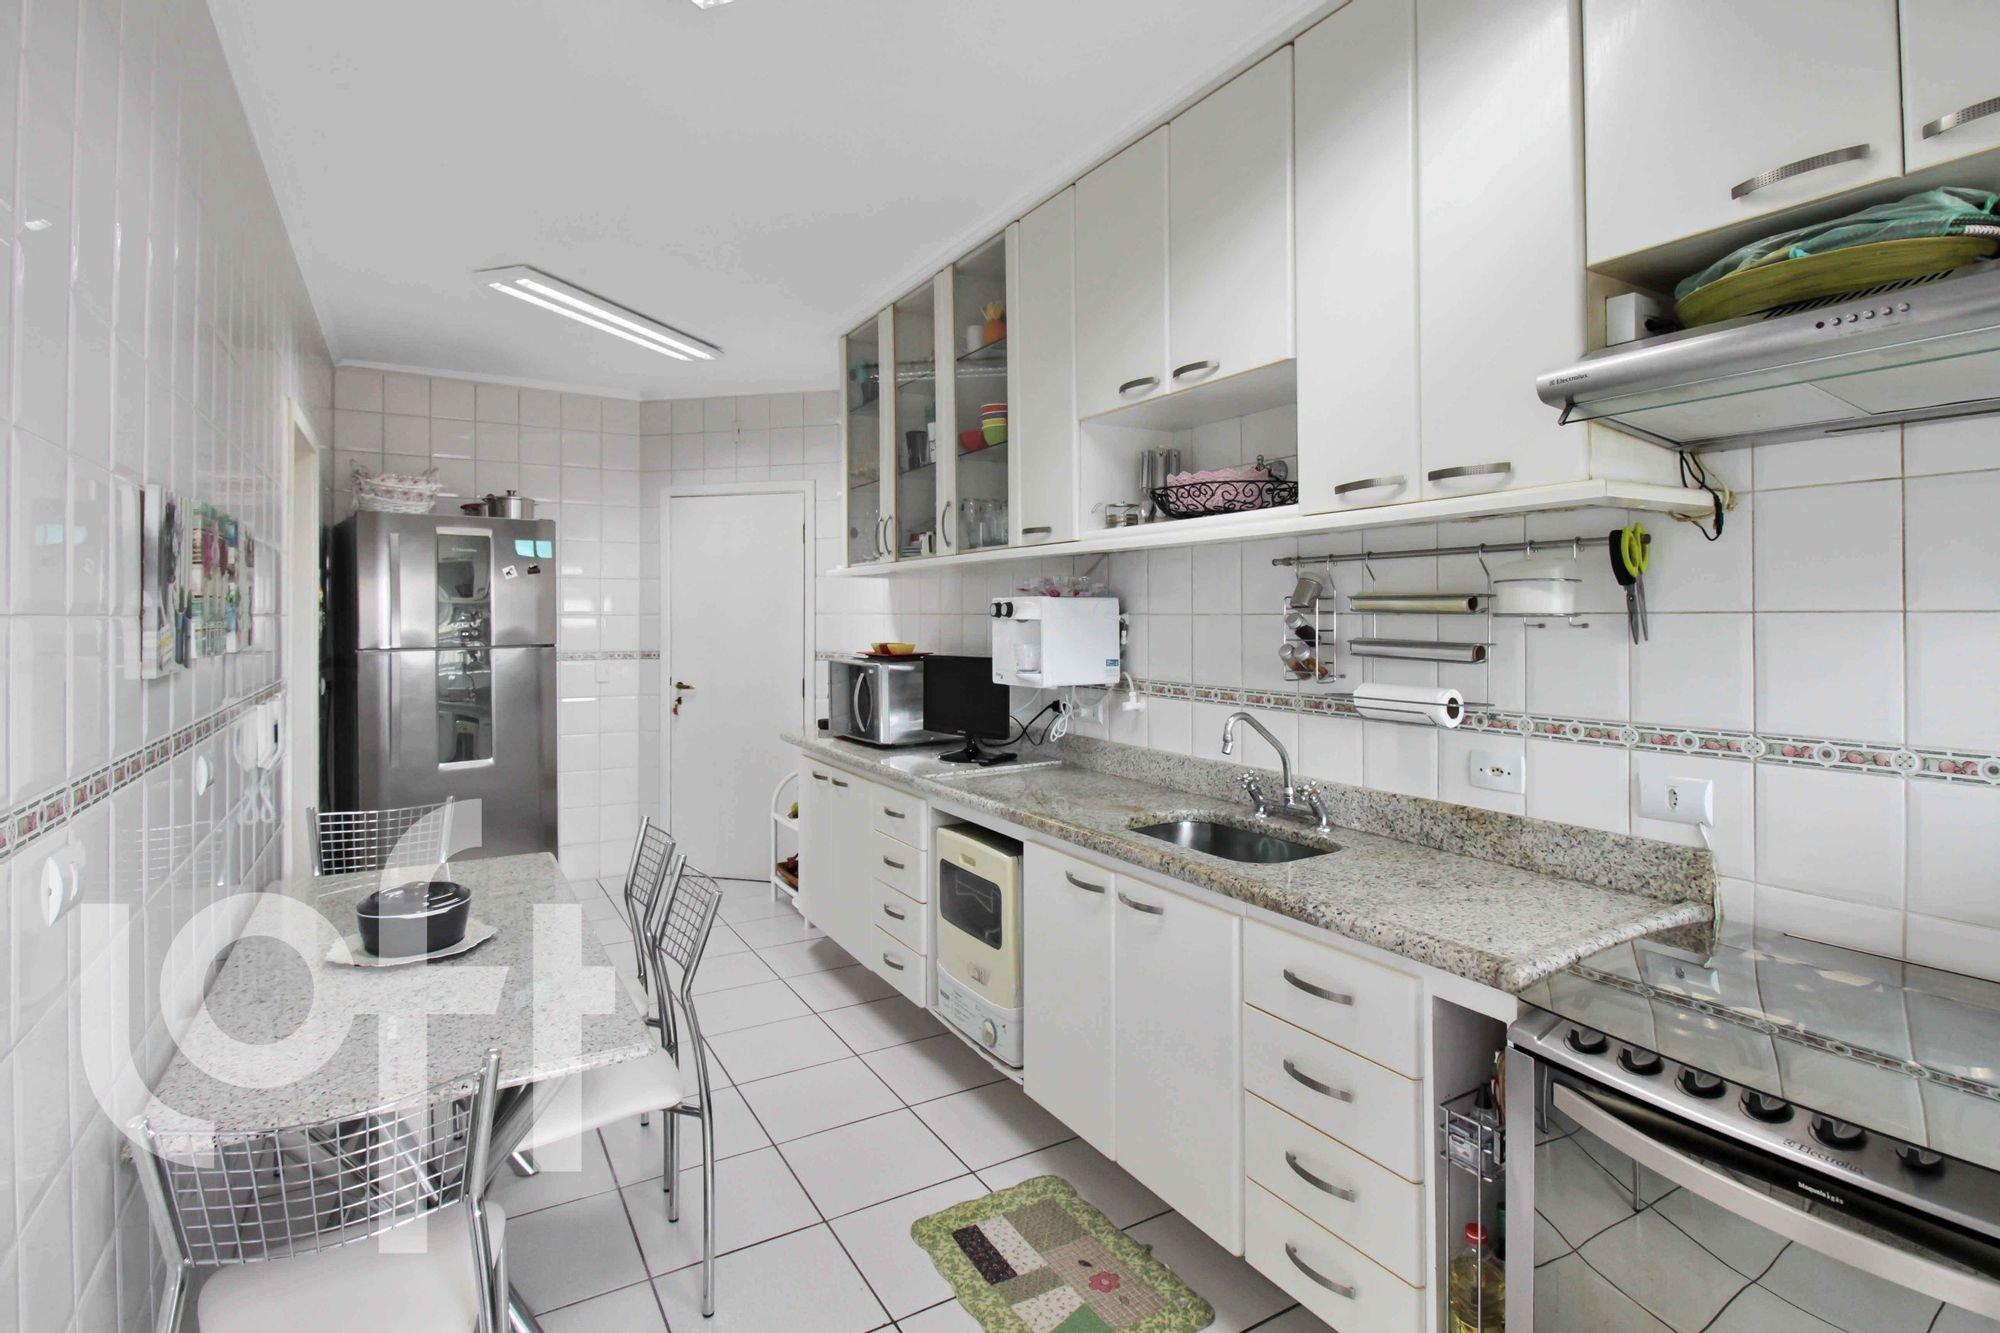 Foto de Cozinha com forno, tigela, cadeira, pia, microondas